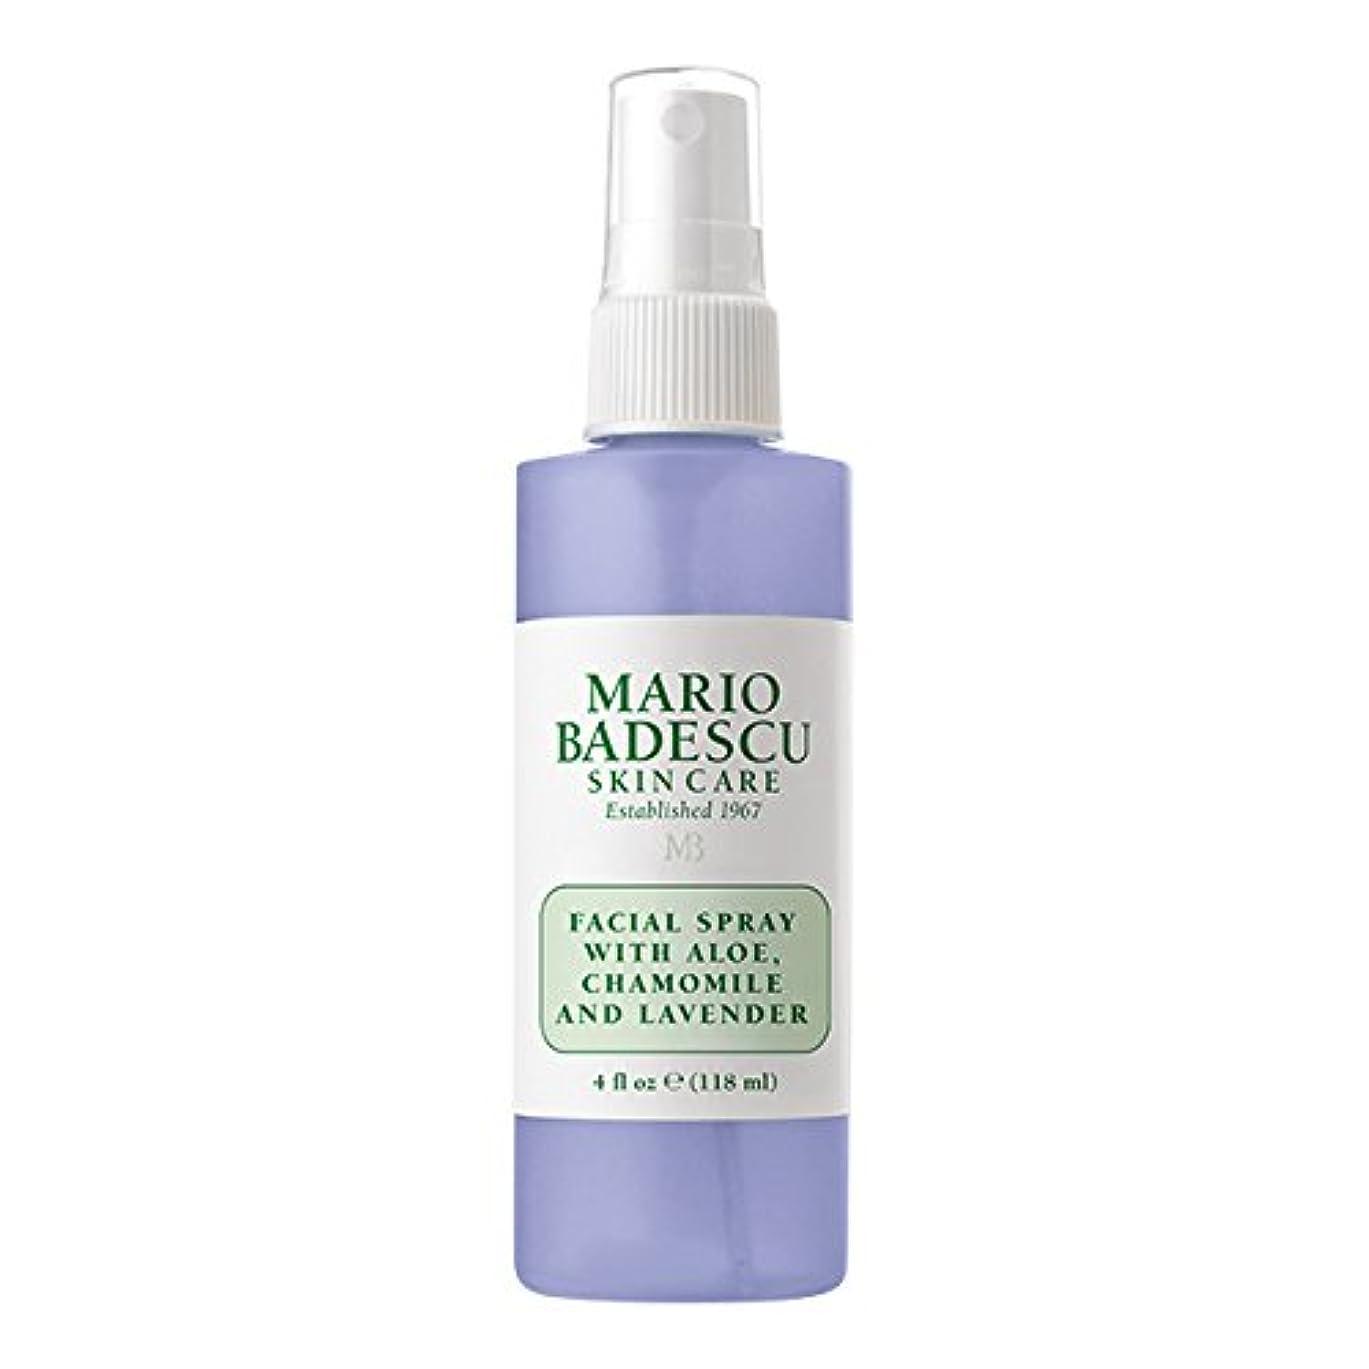 魔術師刺激するペアマリオ バデスク Facial Spray With Aloe, Chamomile & Lavender 118ml/4oz並行輸入品